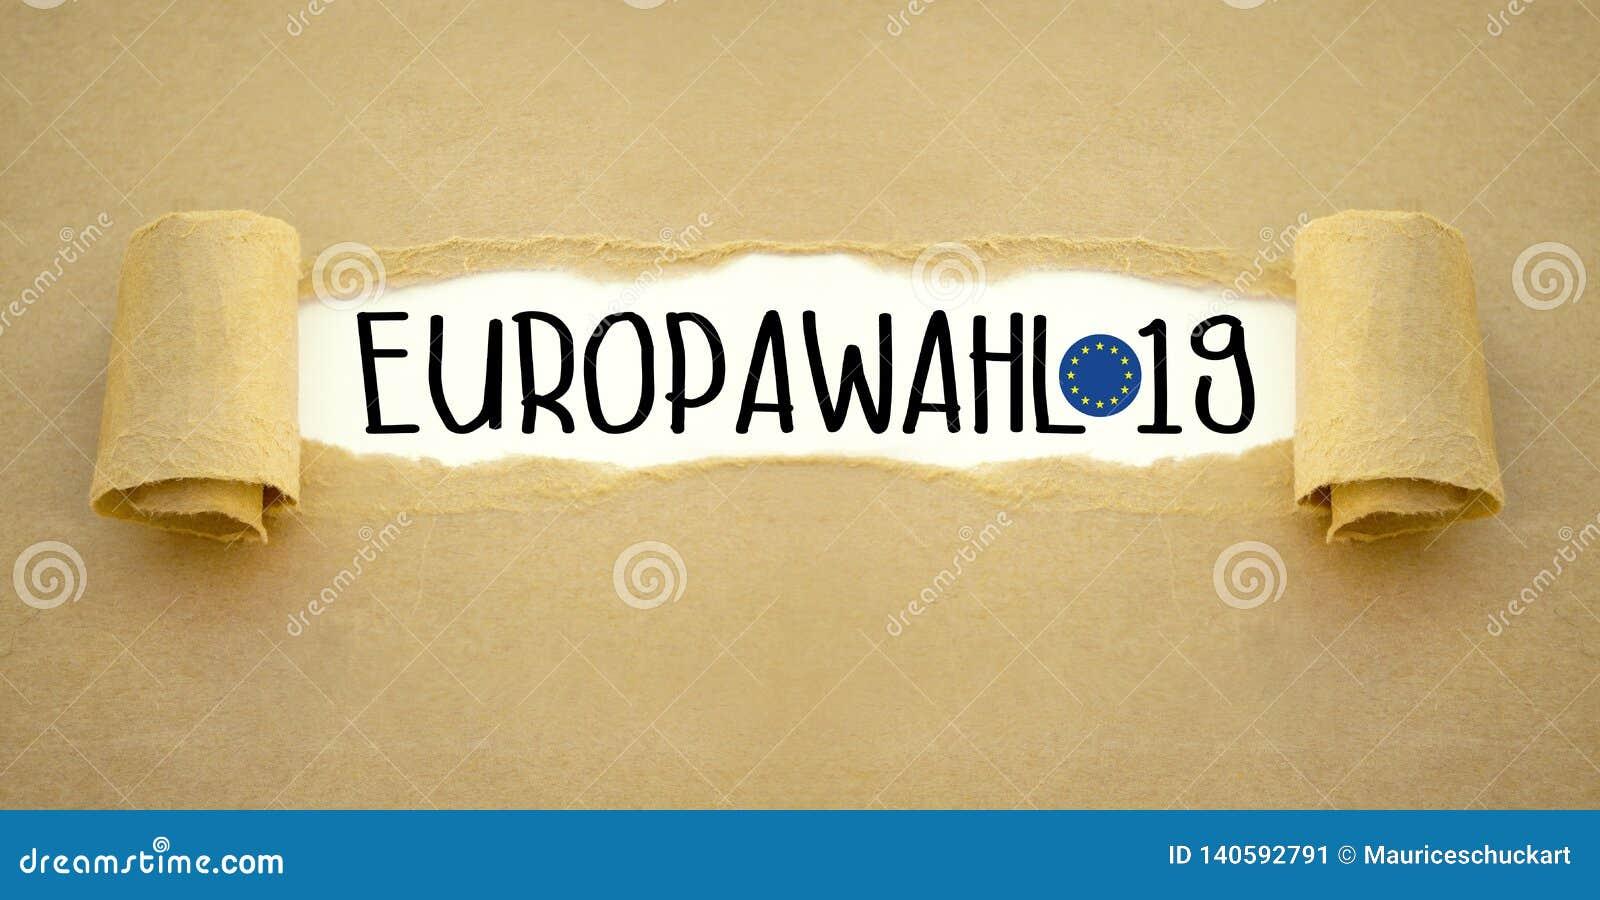 Απεικόνιση για την ευρωπαϊκή εκλογή 2019